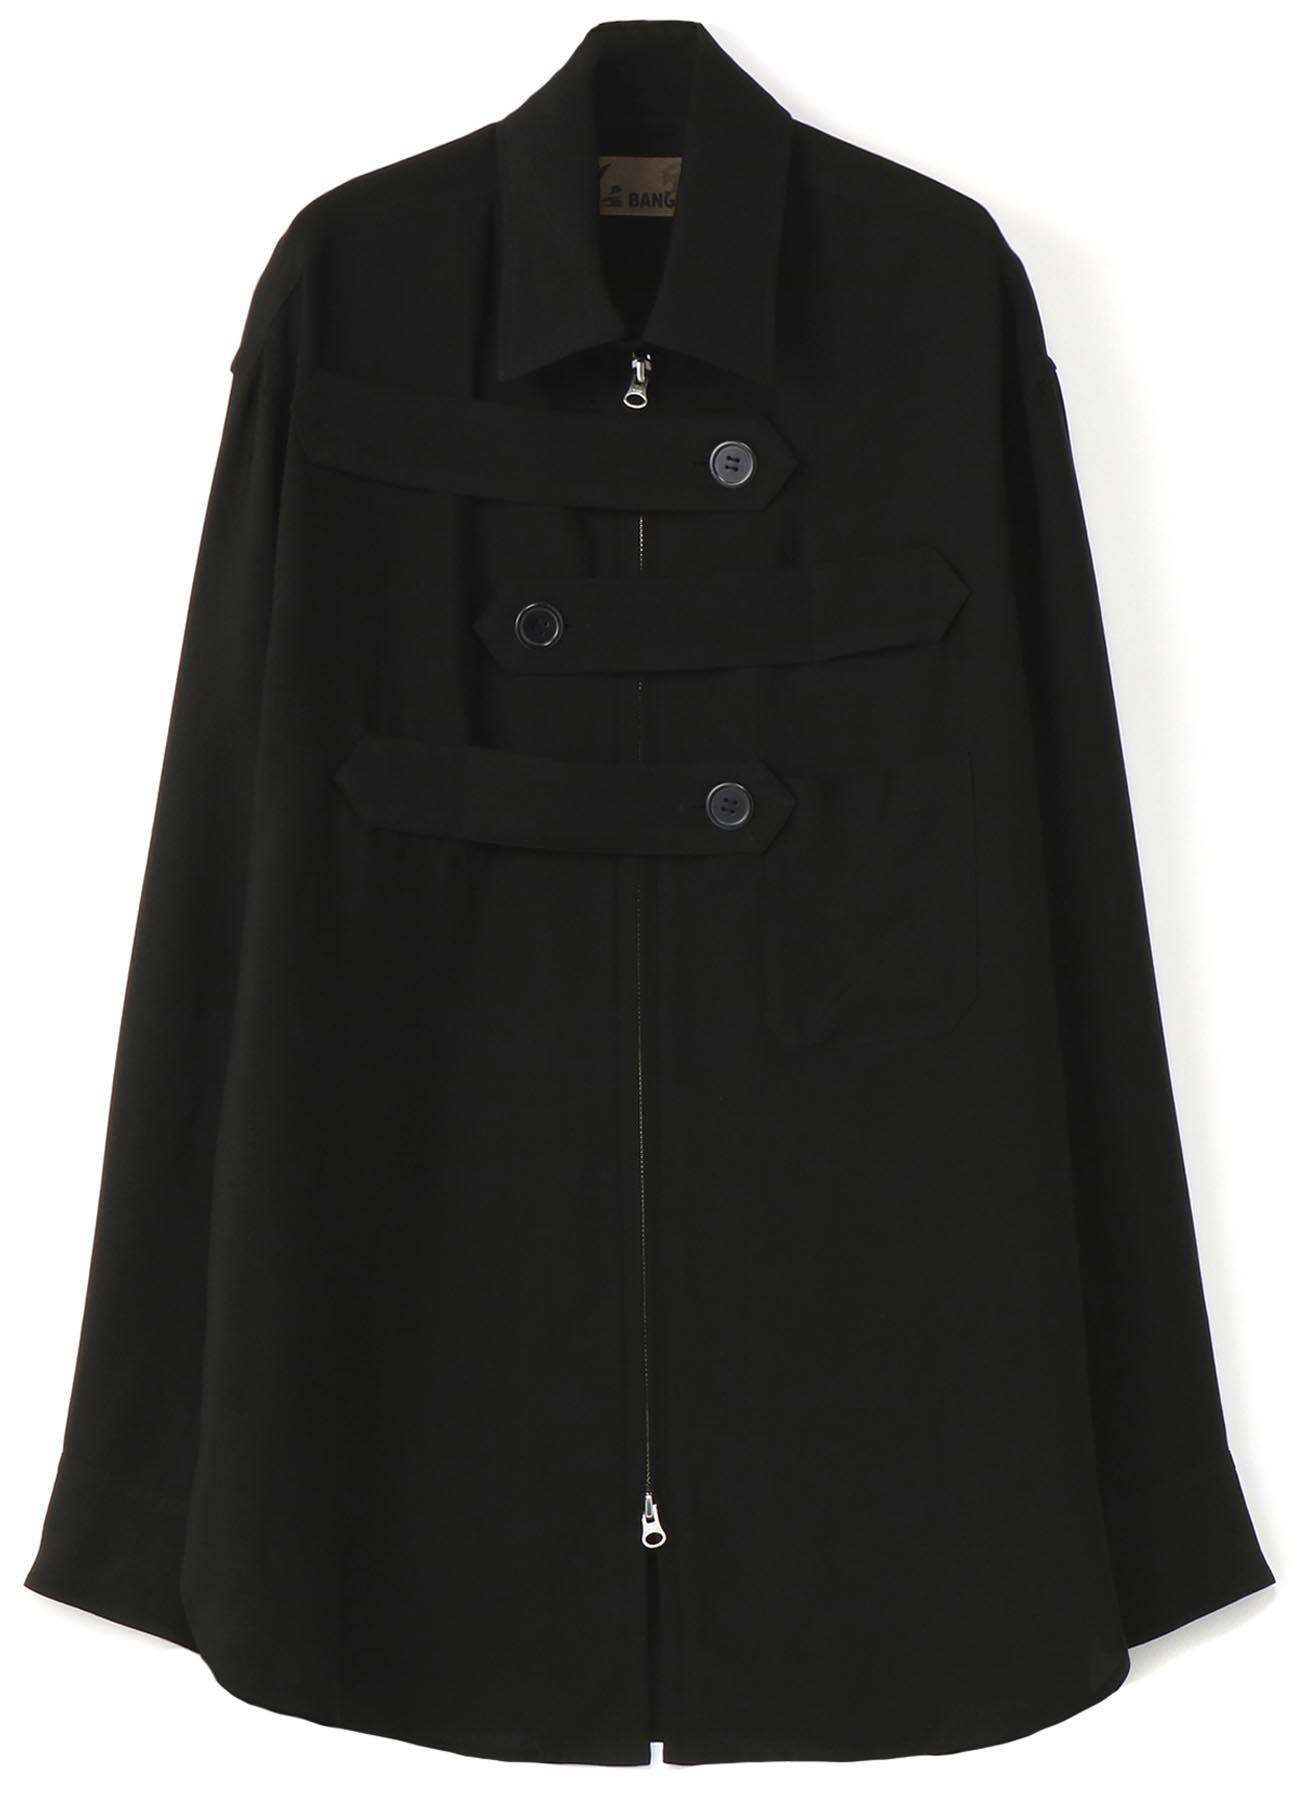 No. 51混纺标签夹克